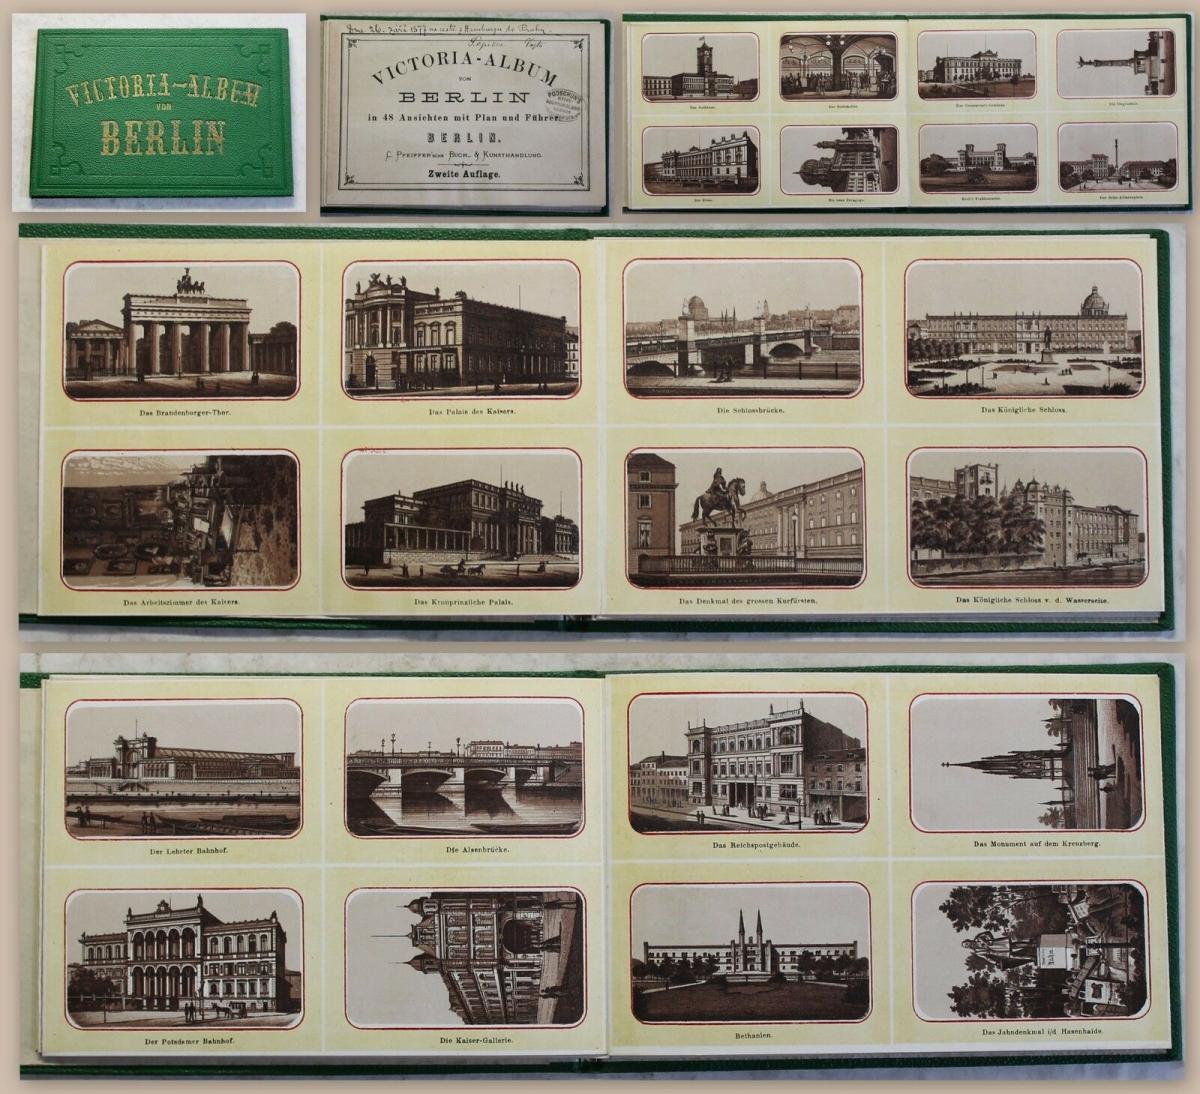 Victoria-Album von Berlin 48 Ansichten Hauptstadt Leporello um 1875 mit Karte xz 0